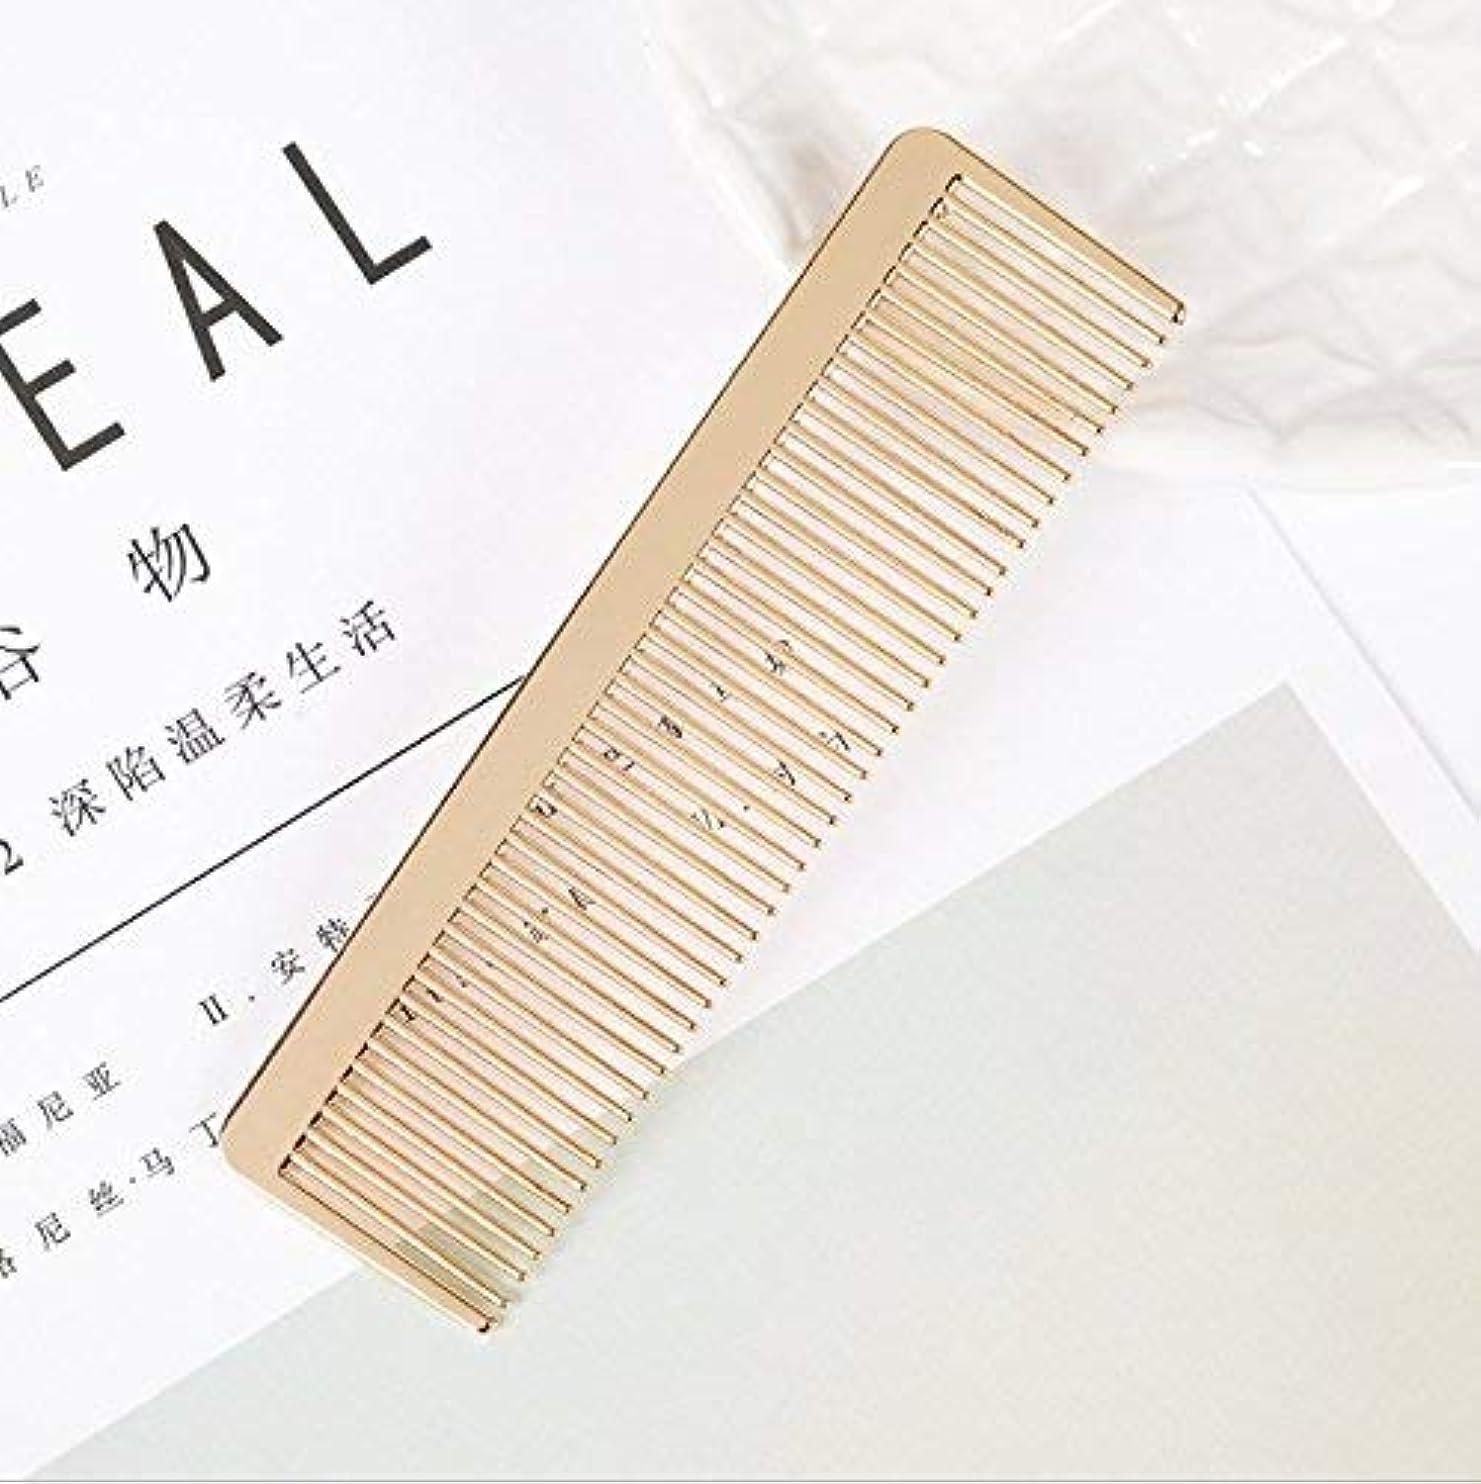 アクチュエータ動機付けるリブAnn Lee Design Golden Hair Comb [並行輸入品]